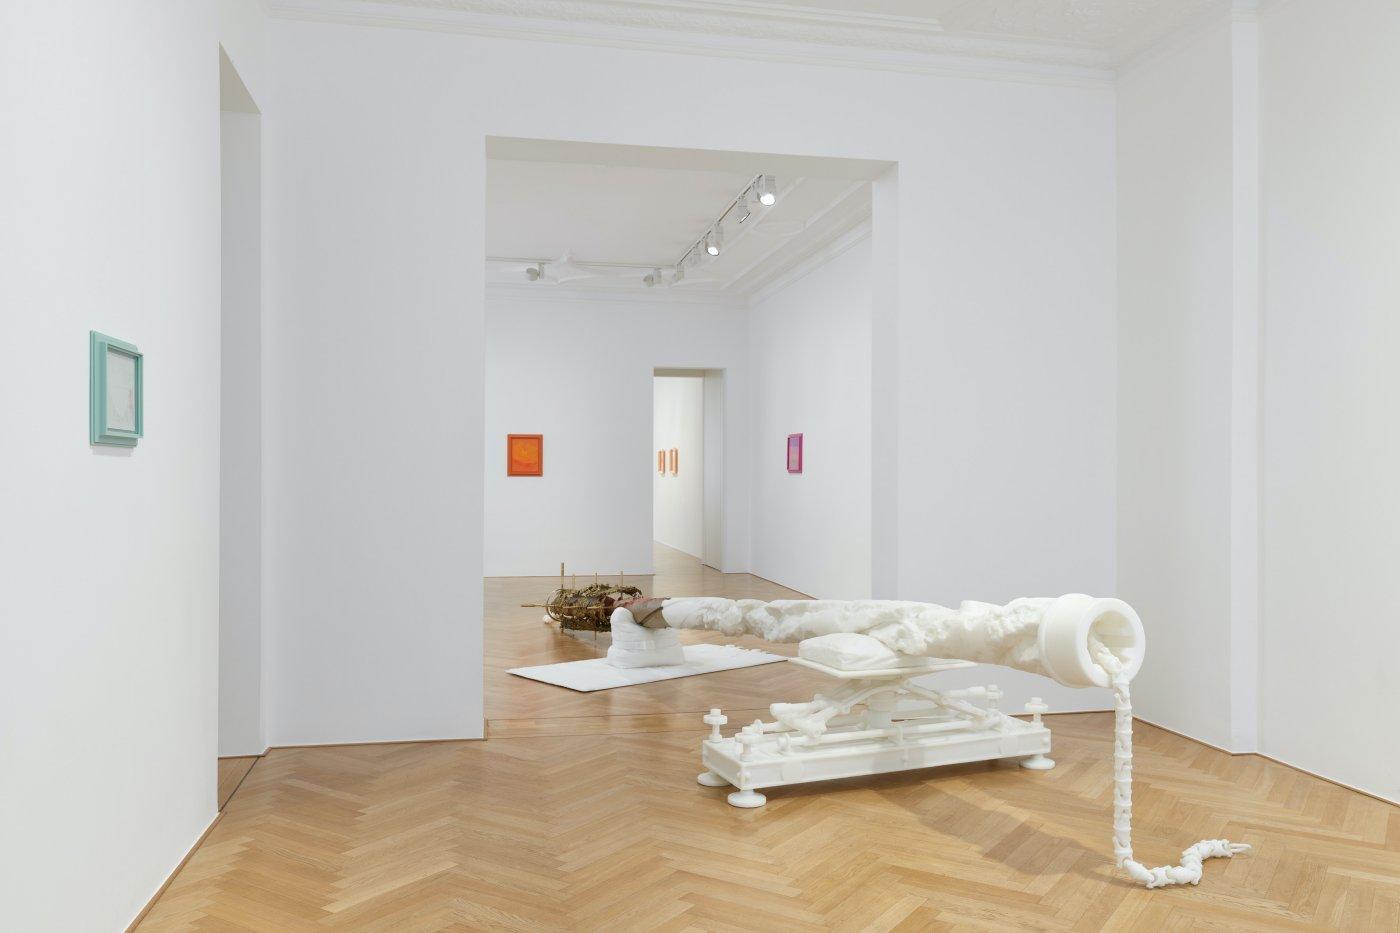 Galerie Max Hetzler Matthew Barney 2